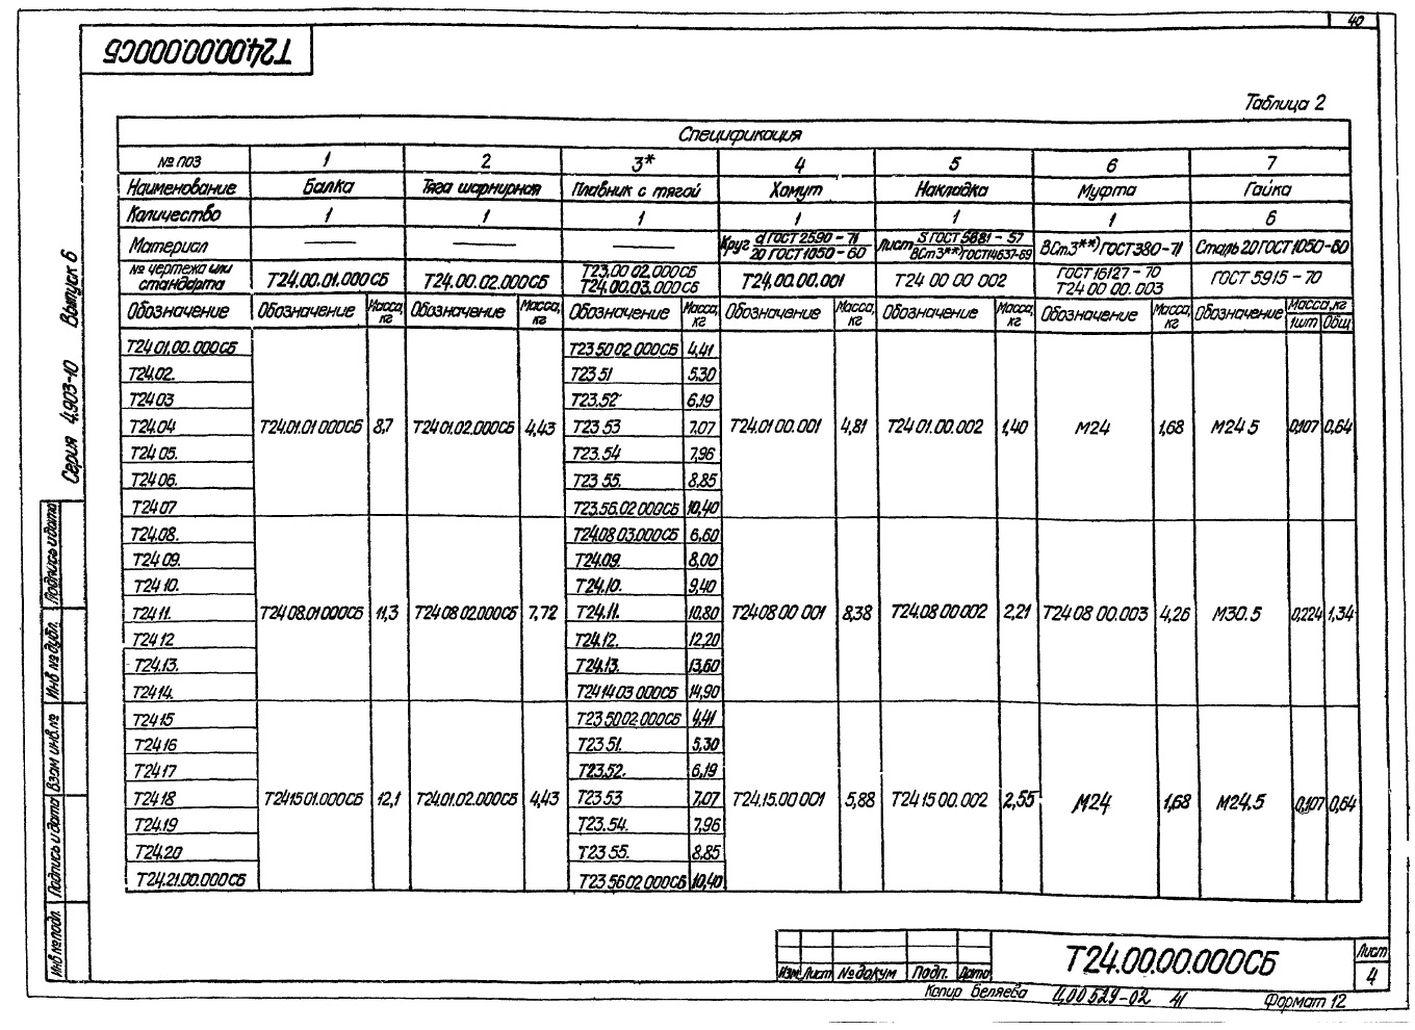 Опора подвижная жесткая Т24 с.4.903-10 вып.6 стр.4